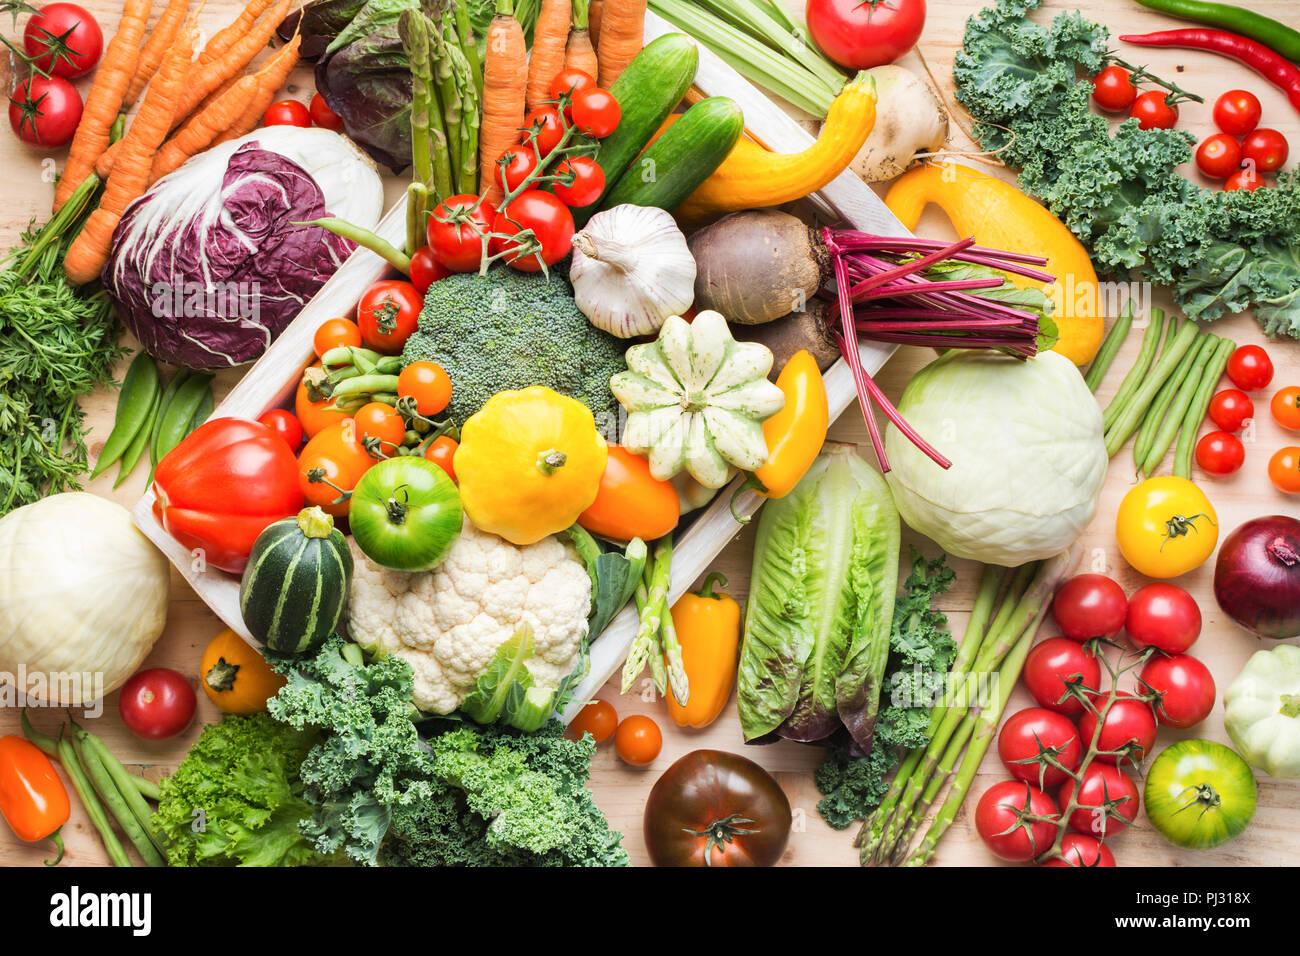 Assortimento di coloratissimi fresca verdura biologica in bianco sul vassoio in legno tabella di pino, cibo sfondo, vista dall'alto, il fuoco selettivo Foto Stock